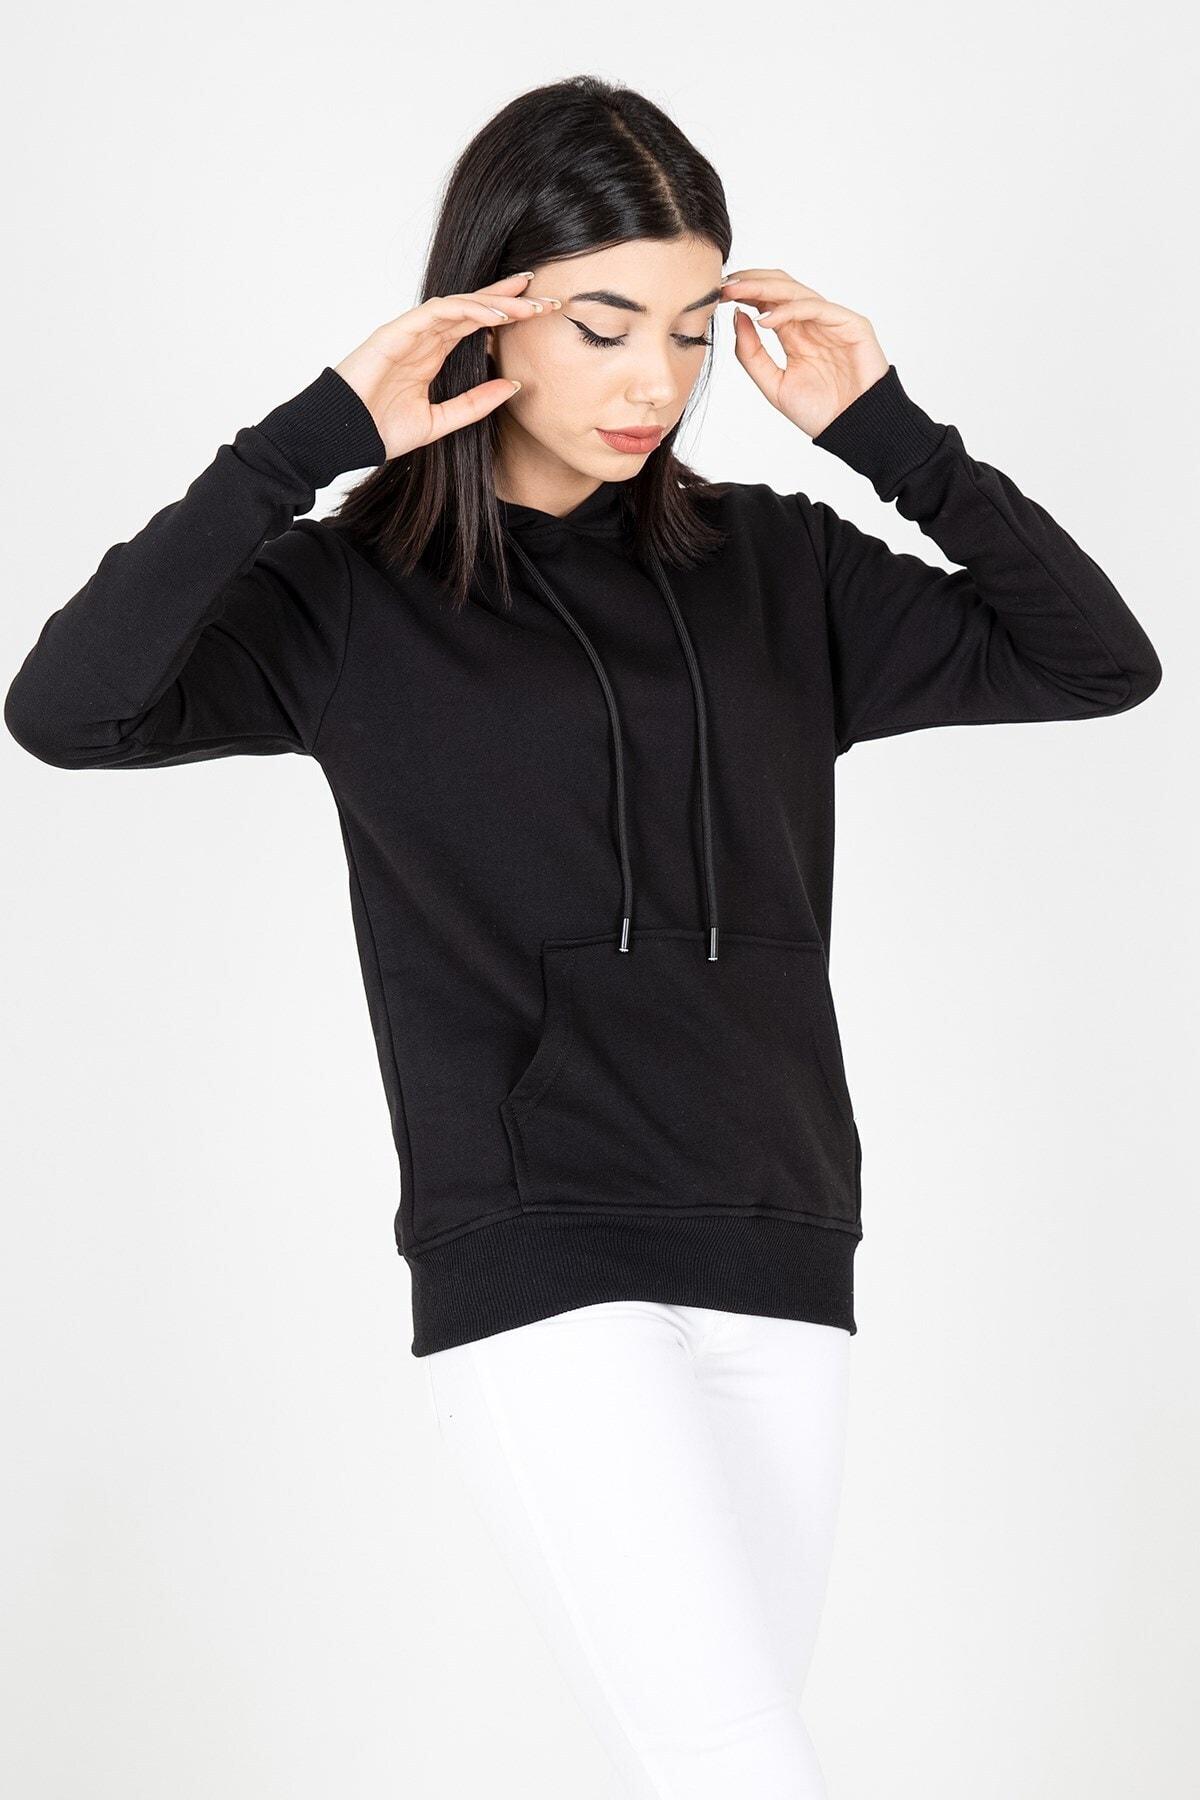 MY LIFE Mylife Kapüşonlu Kanguru Cep Kadın Sweatshirt Siyah - Mlf2735 2